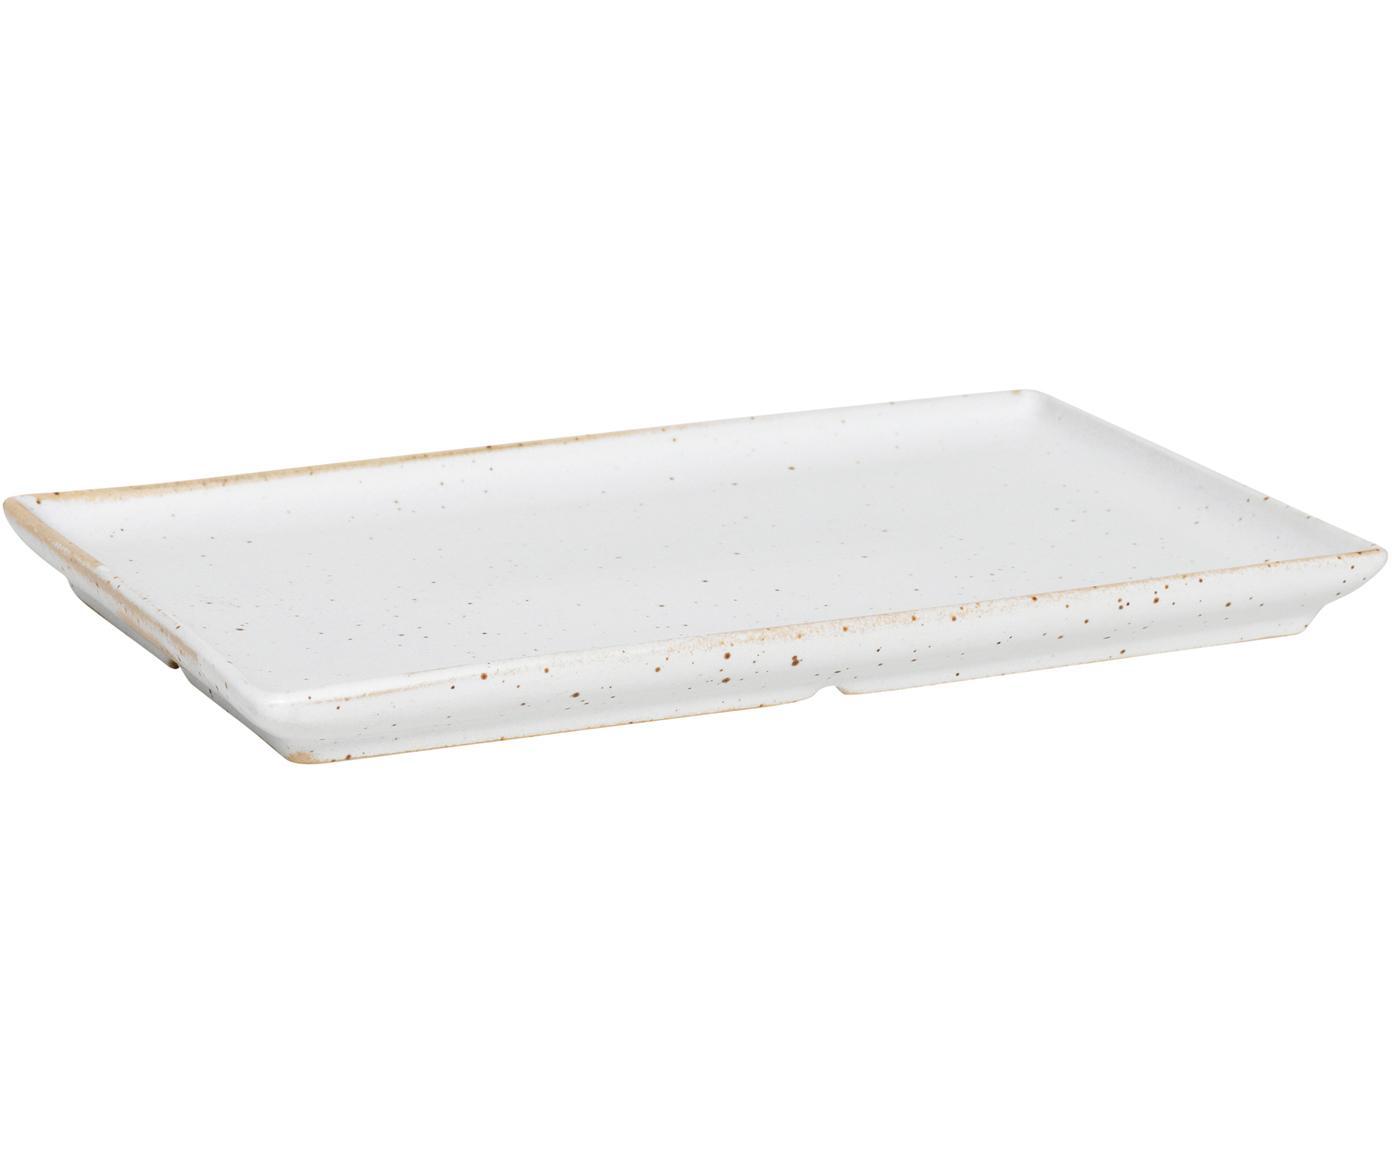 Steingut-Teller Eli mit mattem Finish, 4 Stück, Steingut, Beige, Hellgrau, 20 x 2 cm